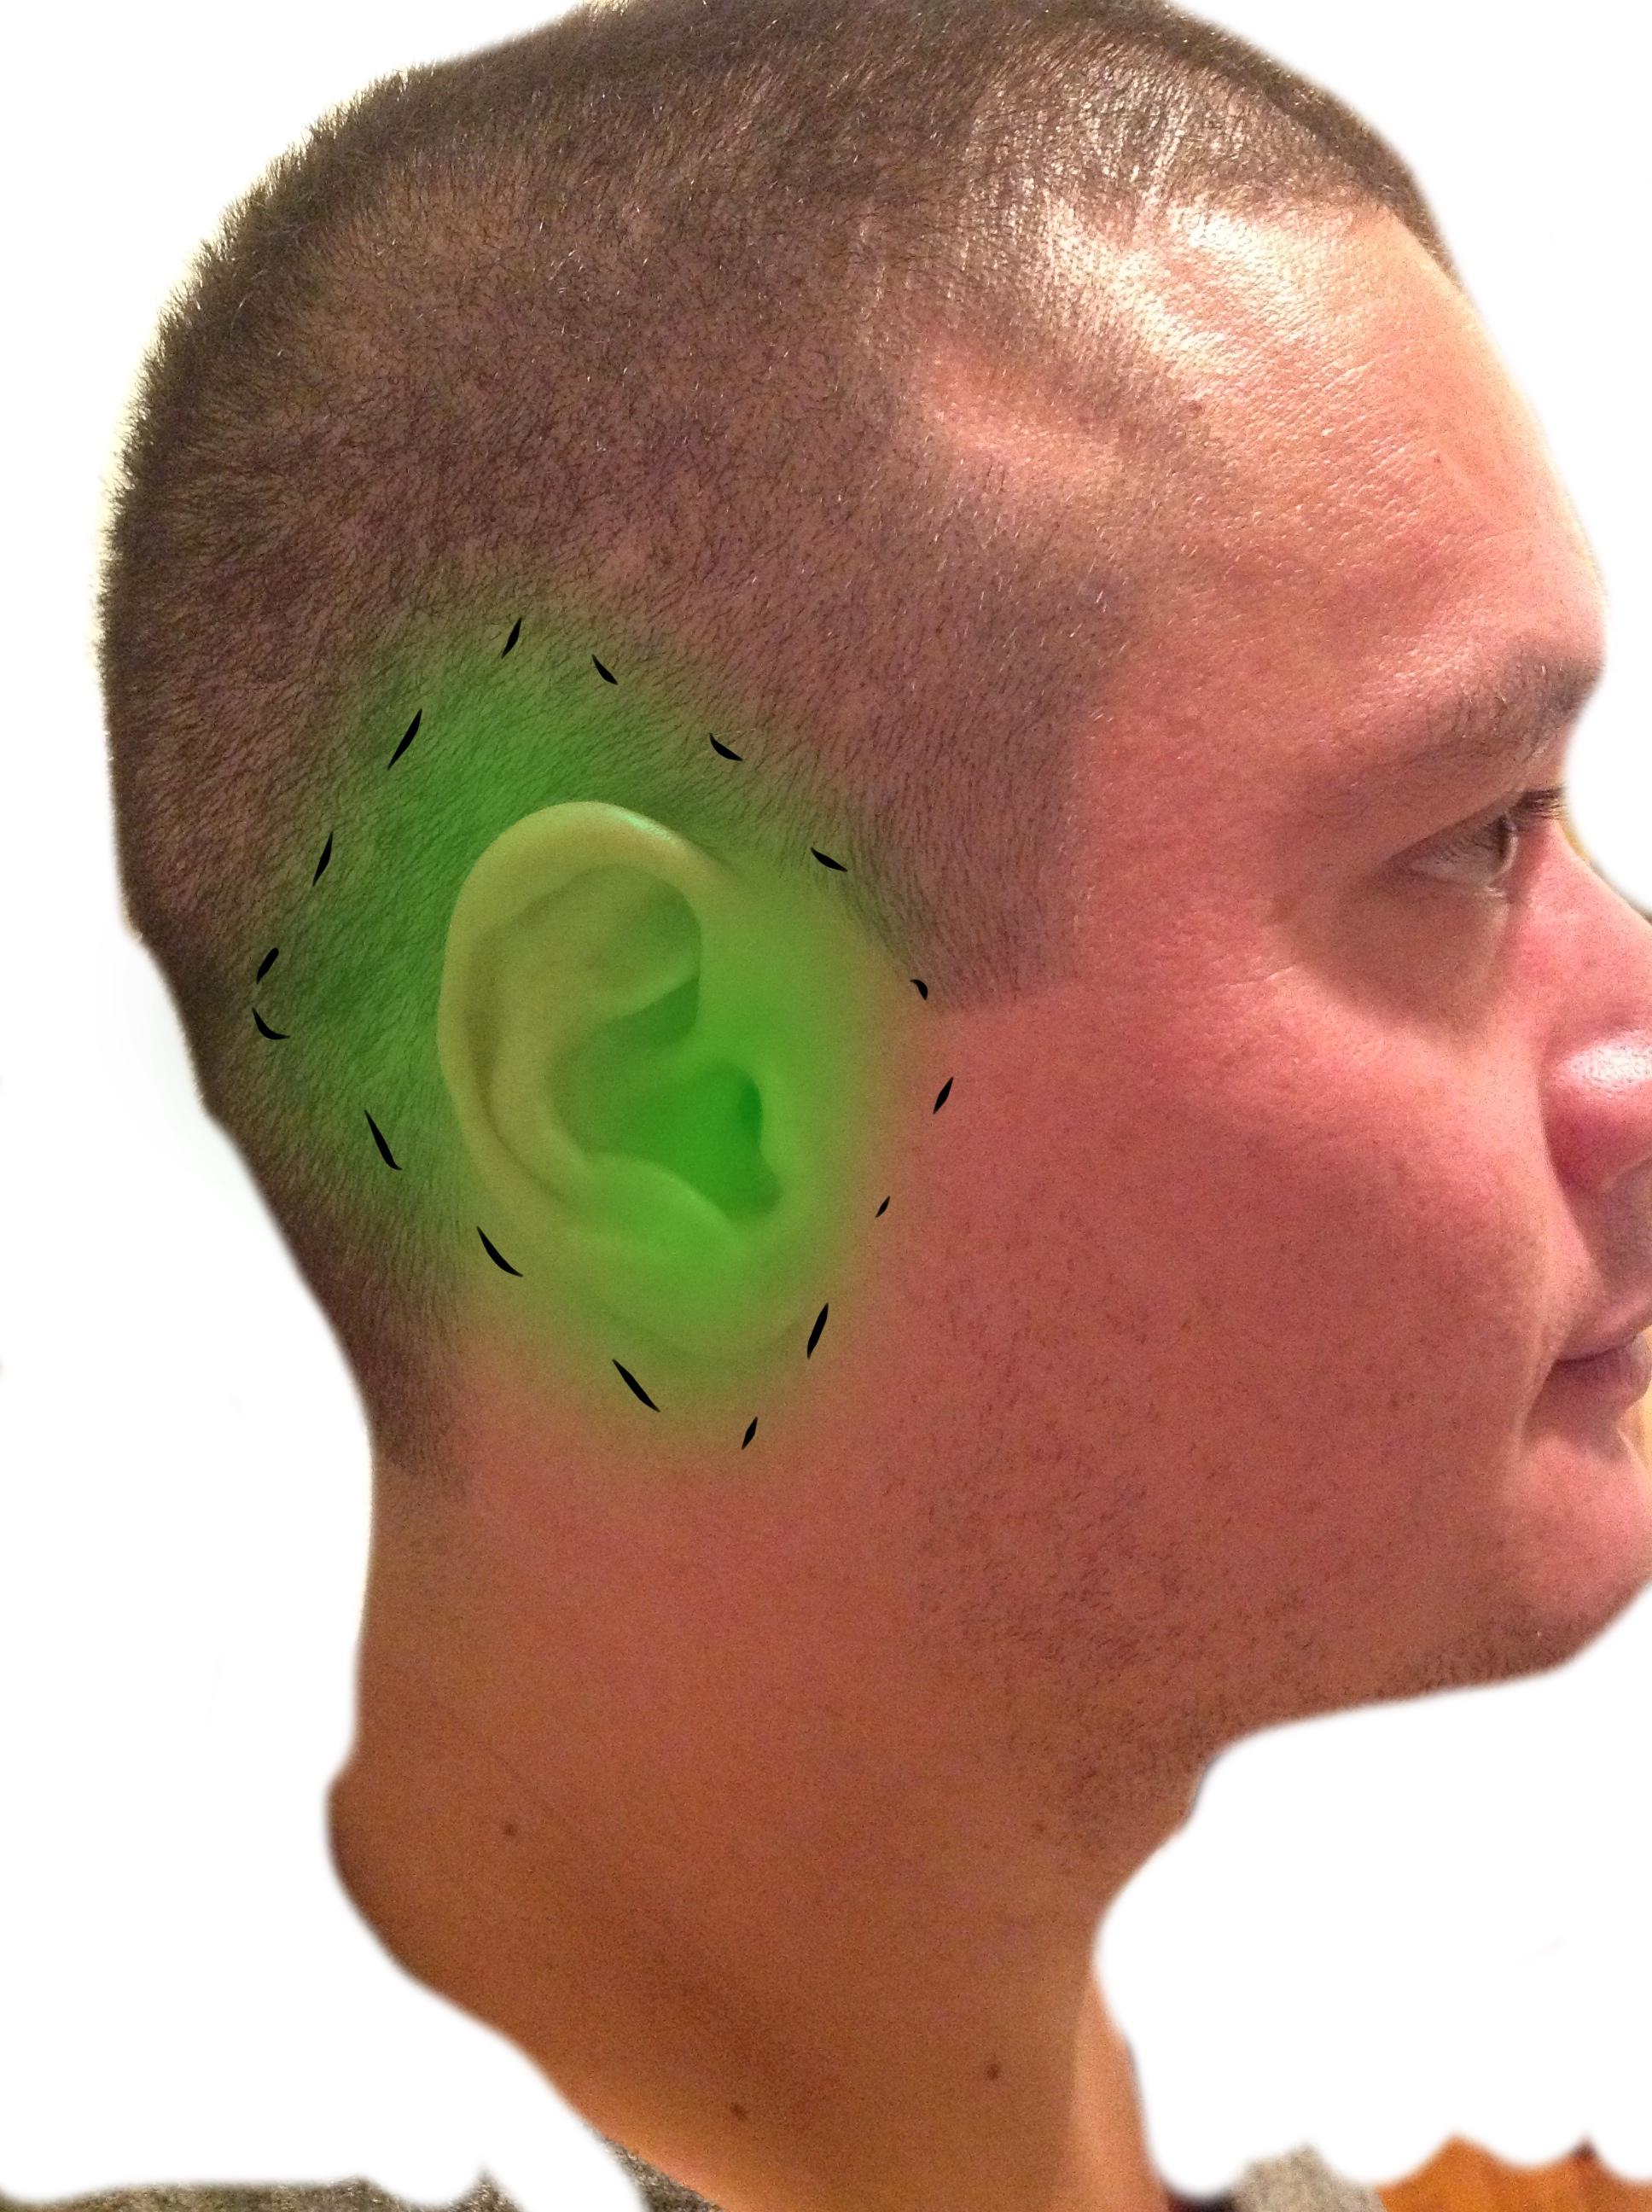 Field Block Of The Ear Closing The Gap